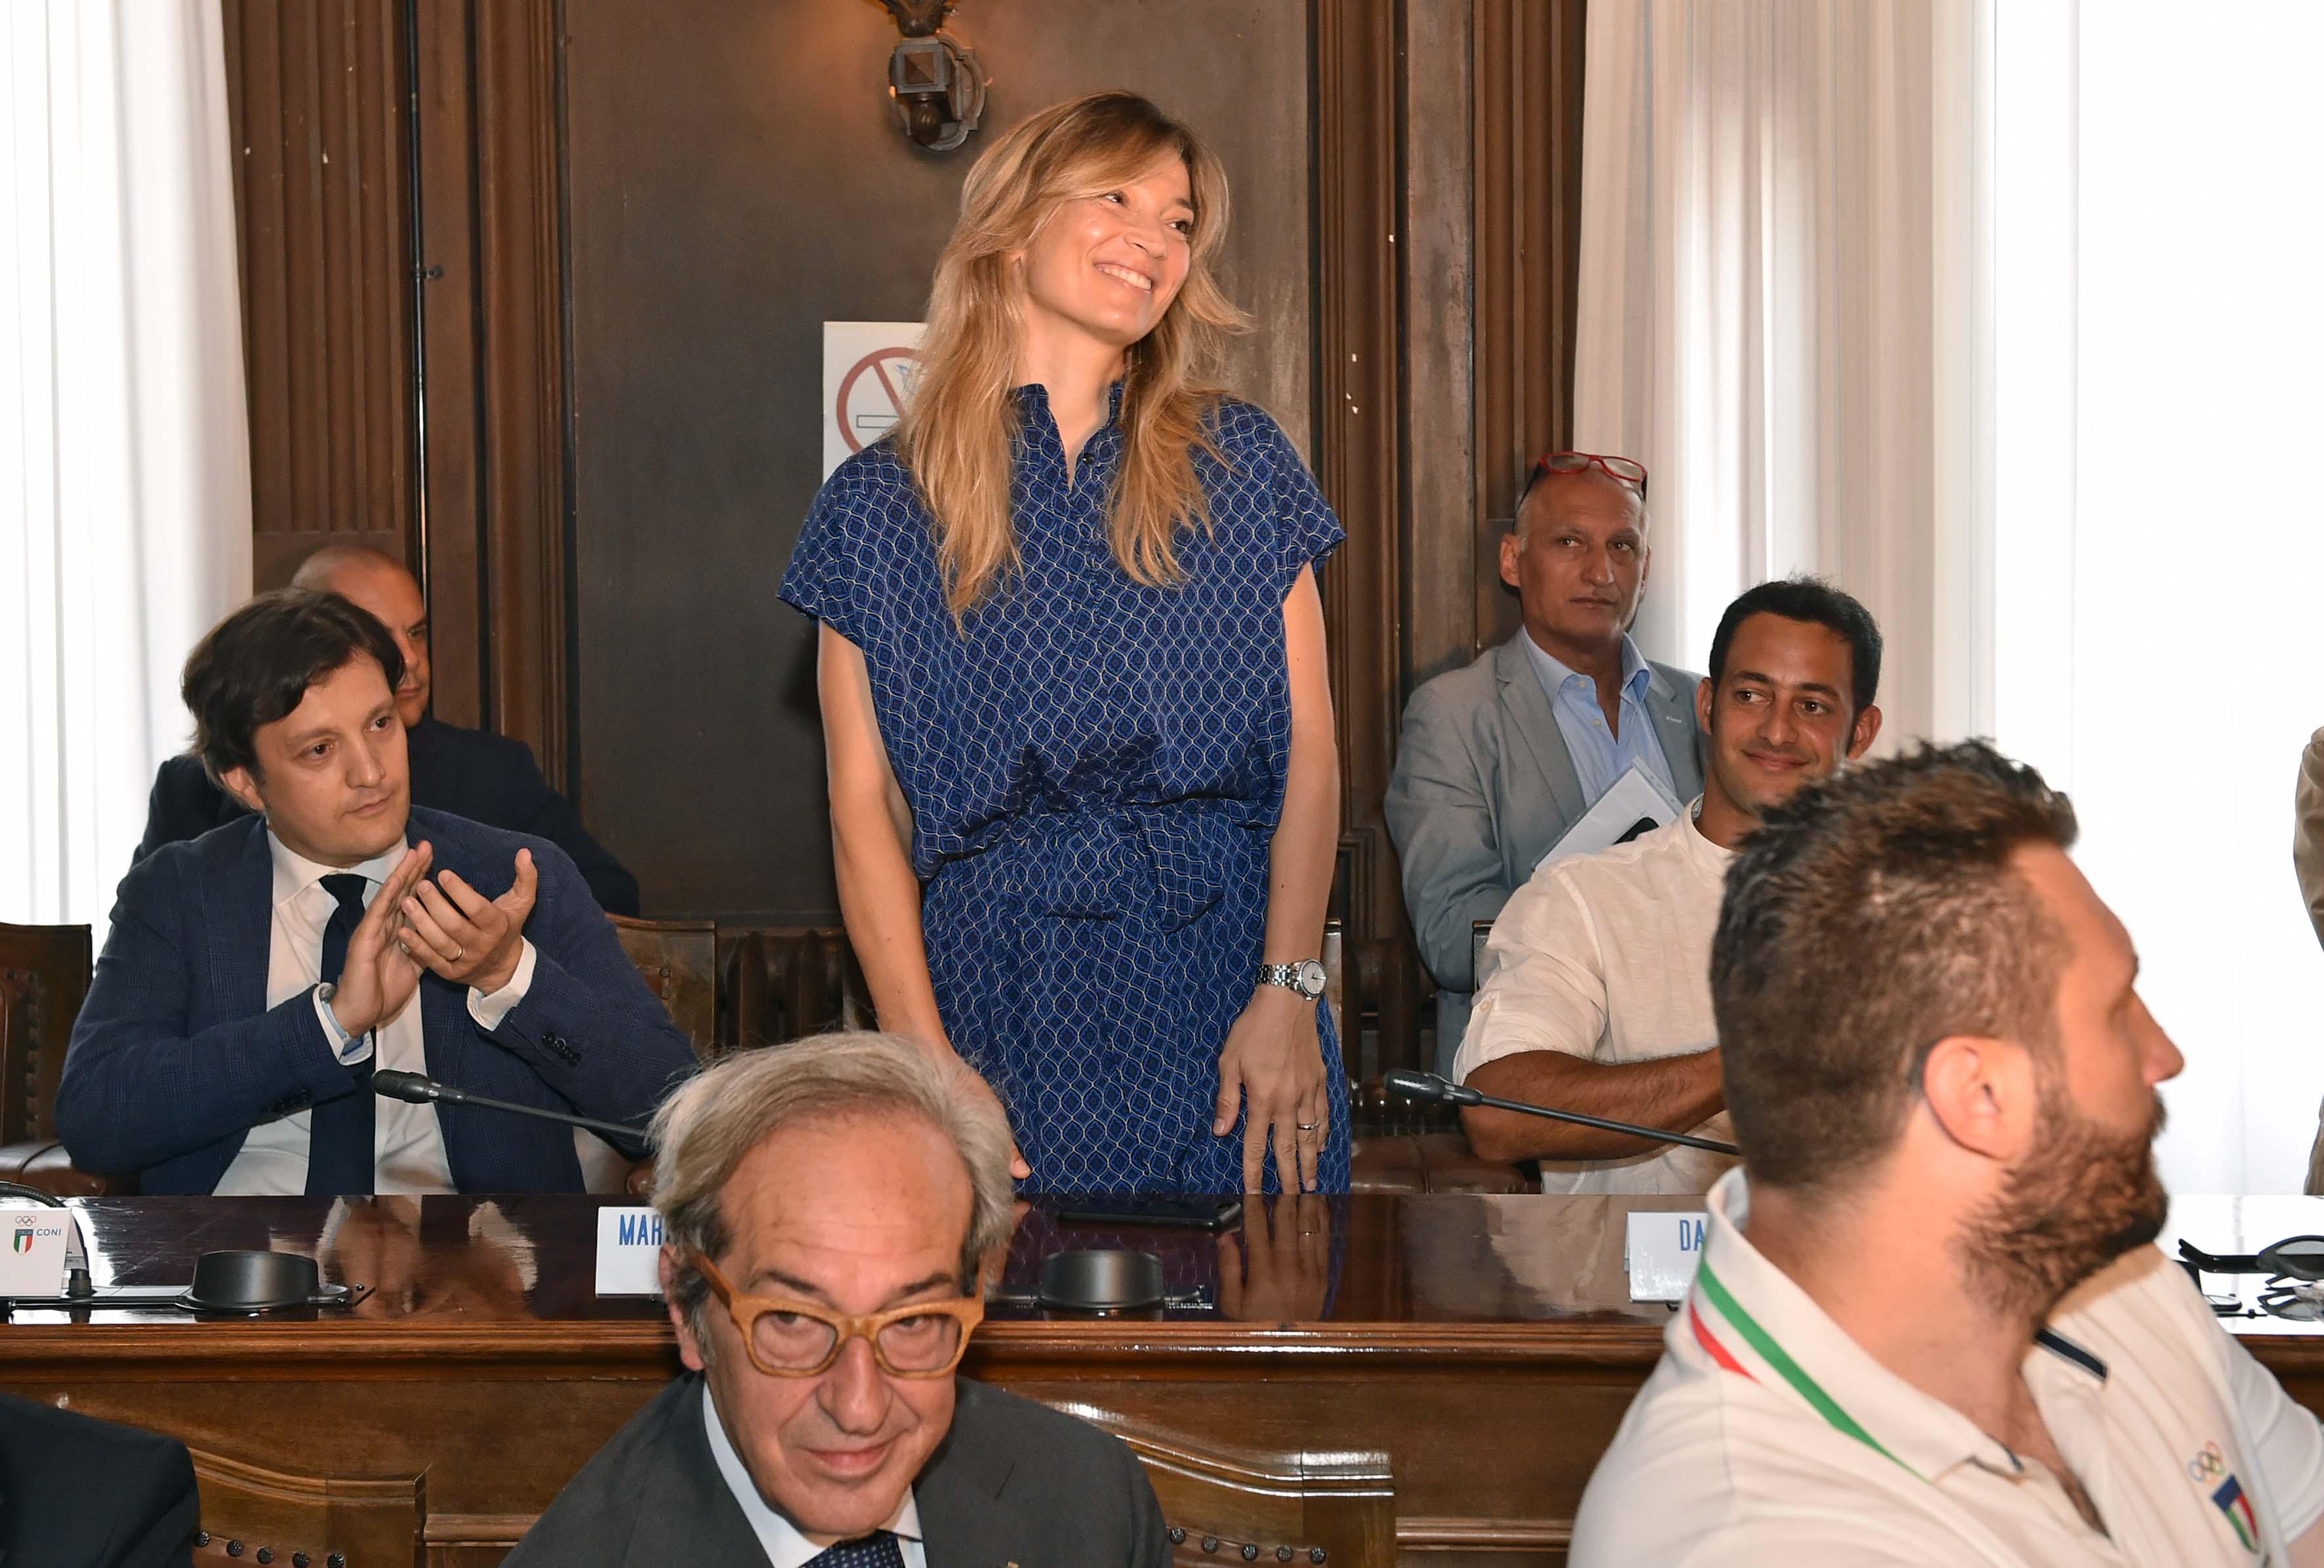 180612 0051 Trieste Giunta foto Simone Ferraro SFA_8648 copia